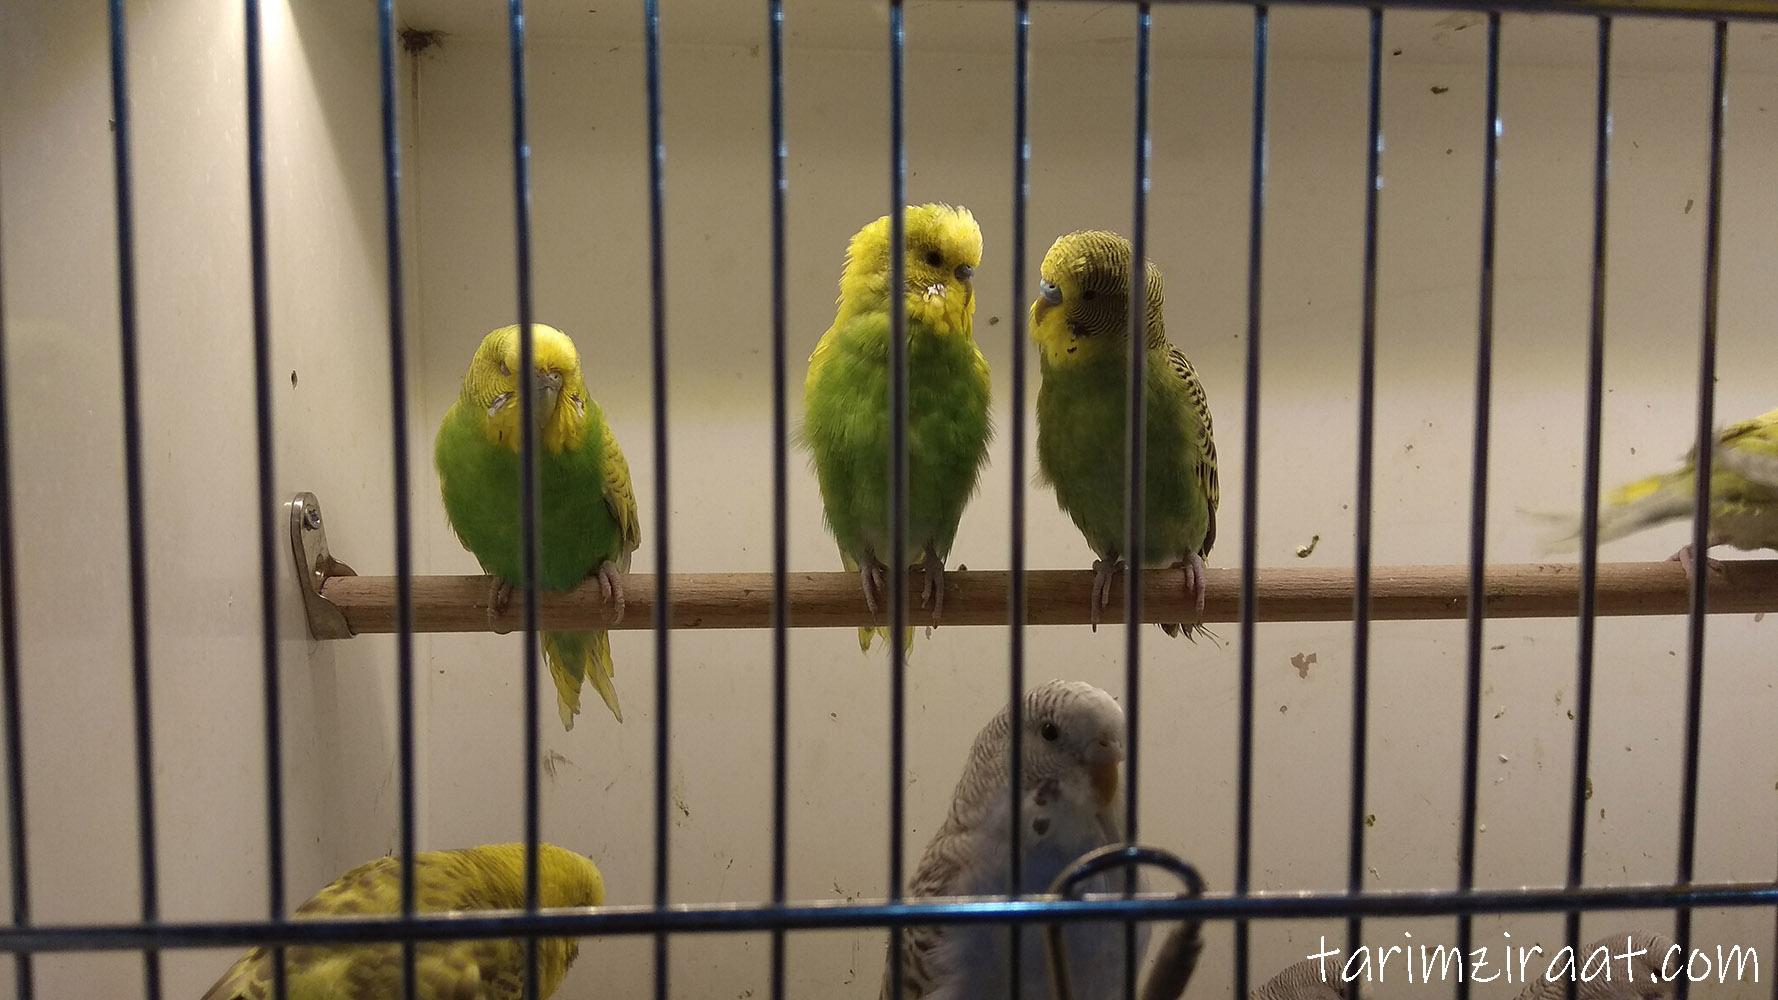 Muhabbet Kuşu fiyatları,Muhabbet Kuşu piyasası, Muhabbet Kuşu resmi